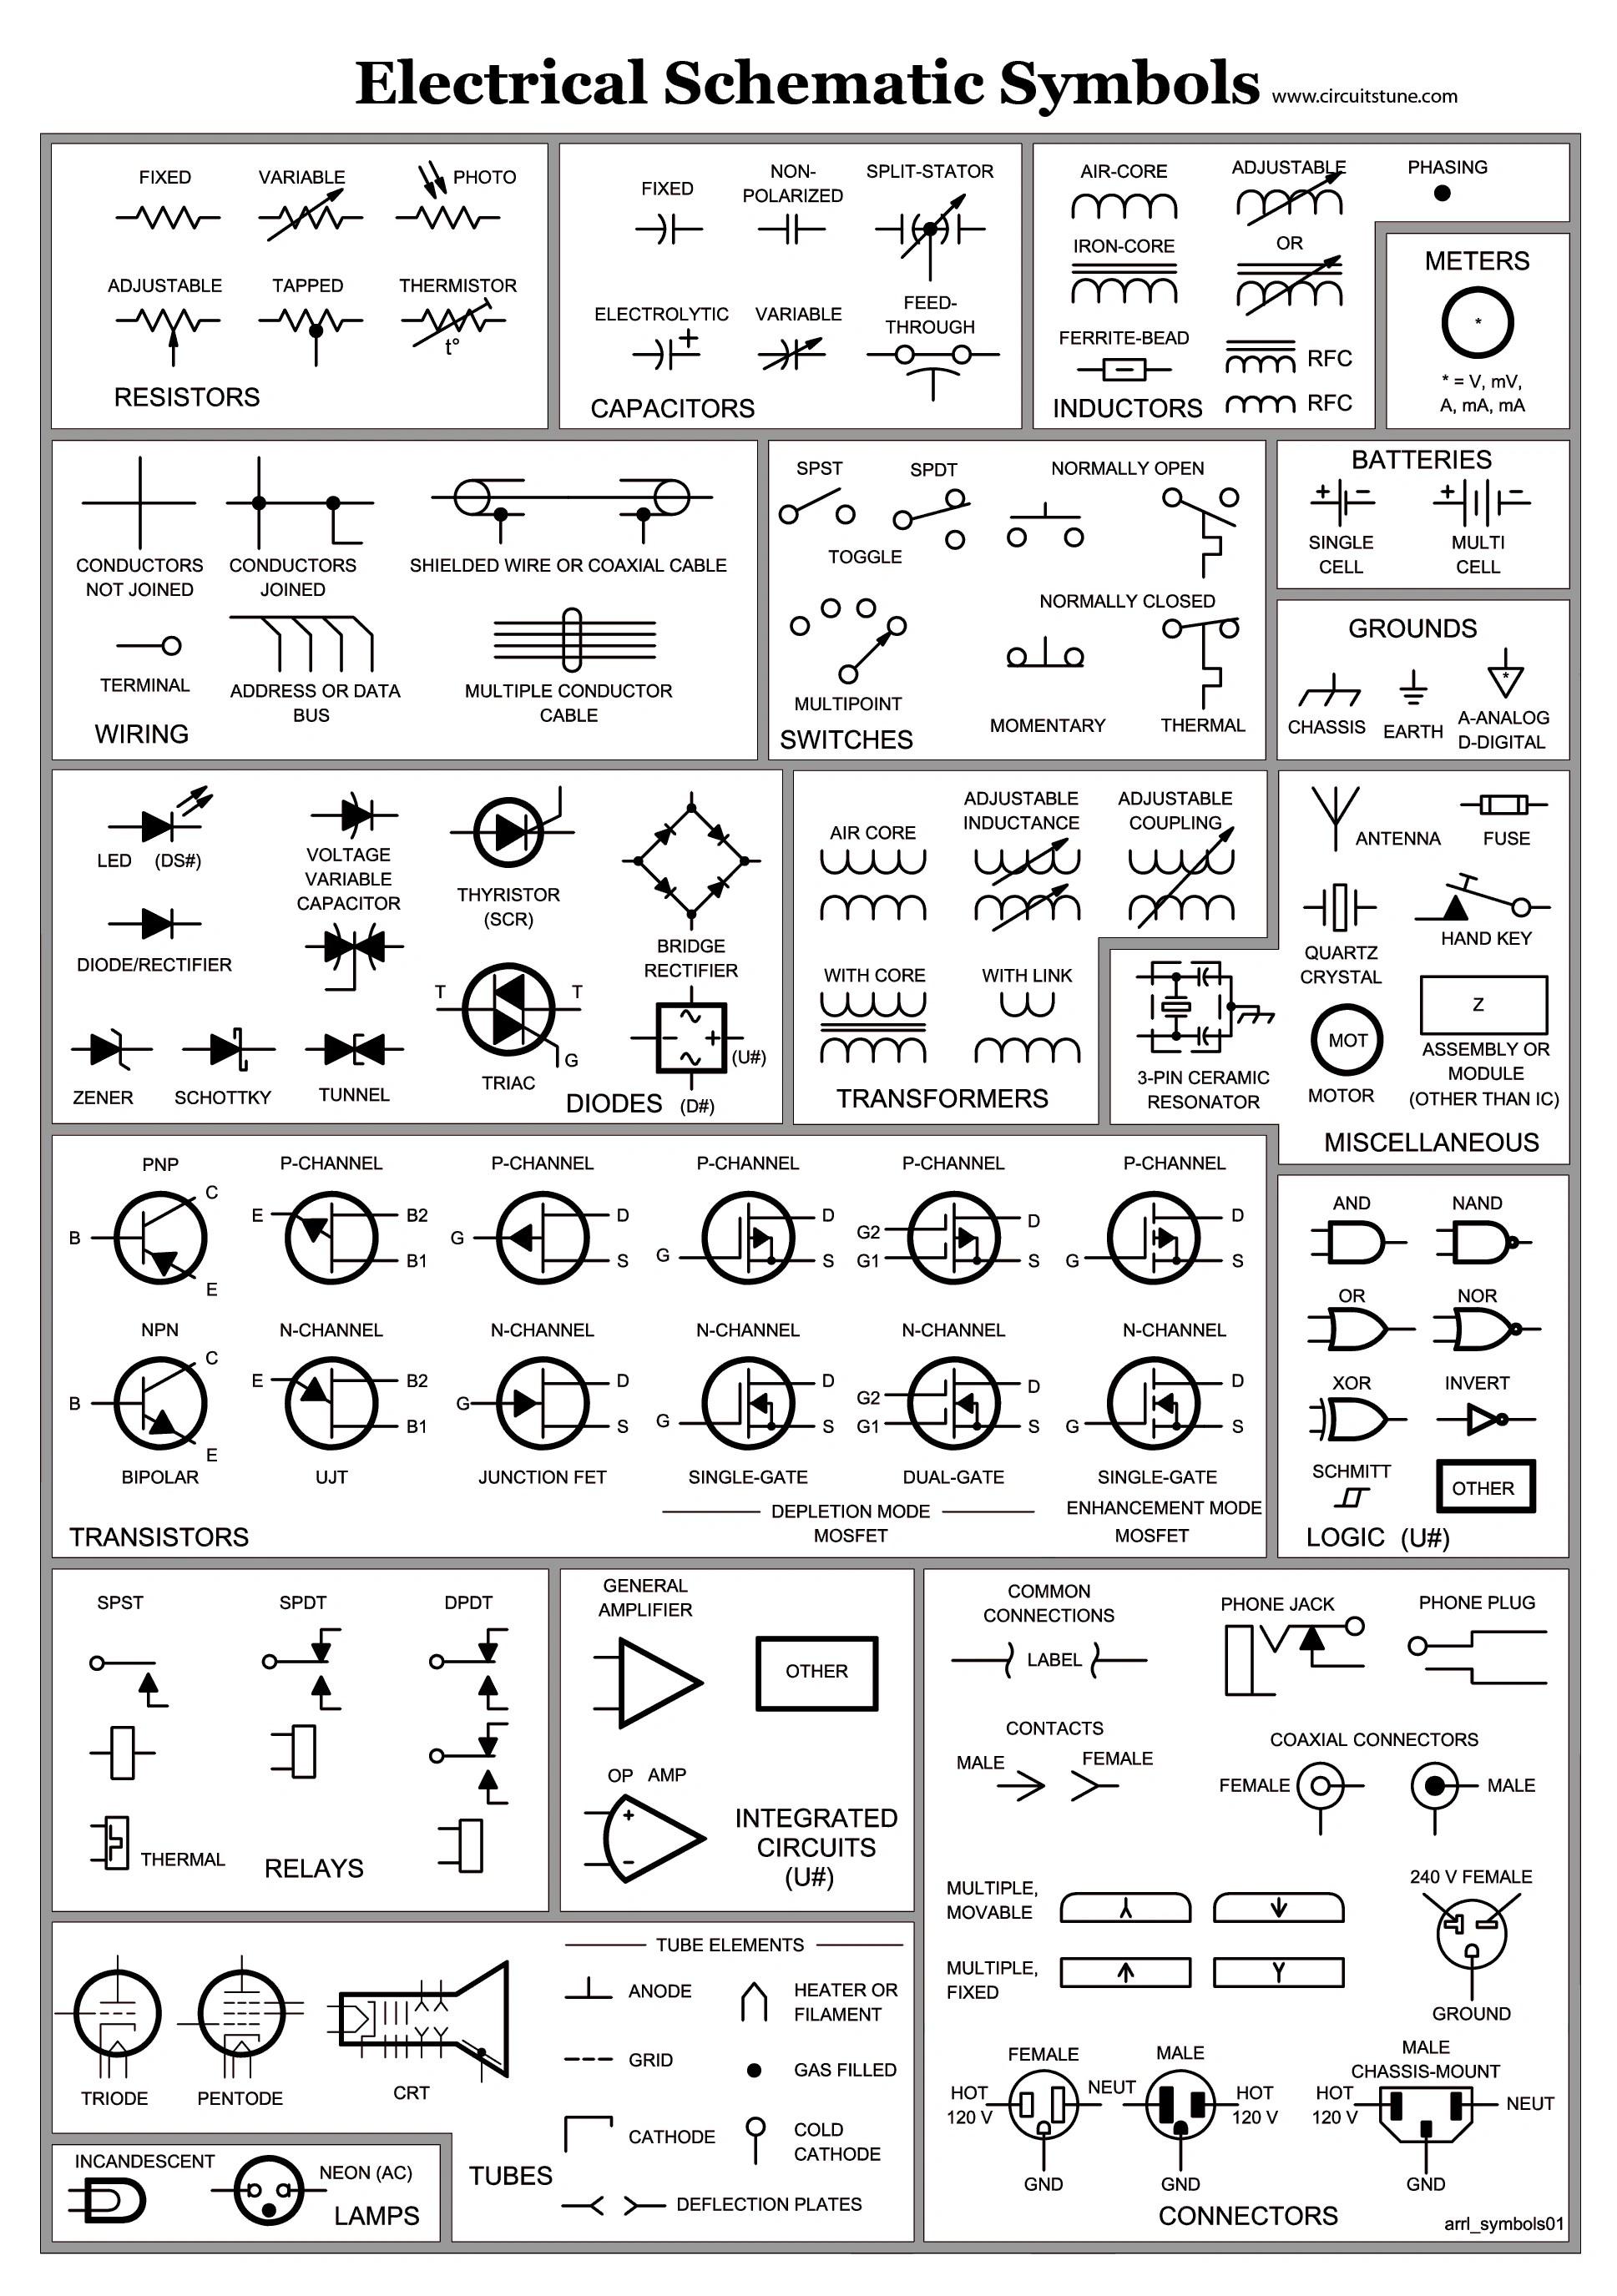 Circuit schematic symbols | BMET Wiki | FANDOM powered by